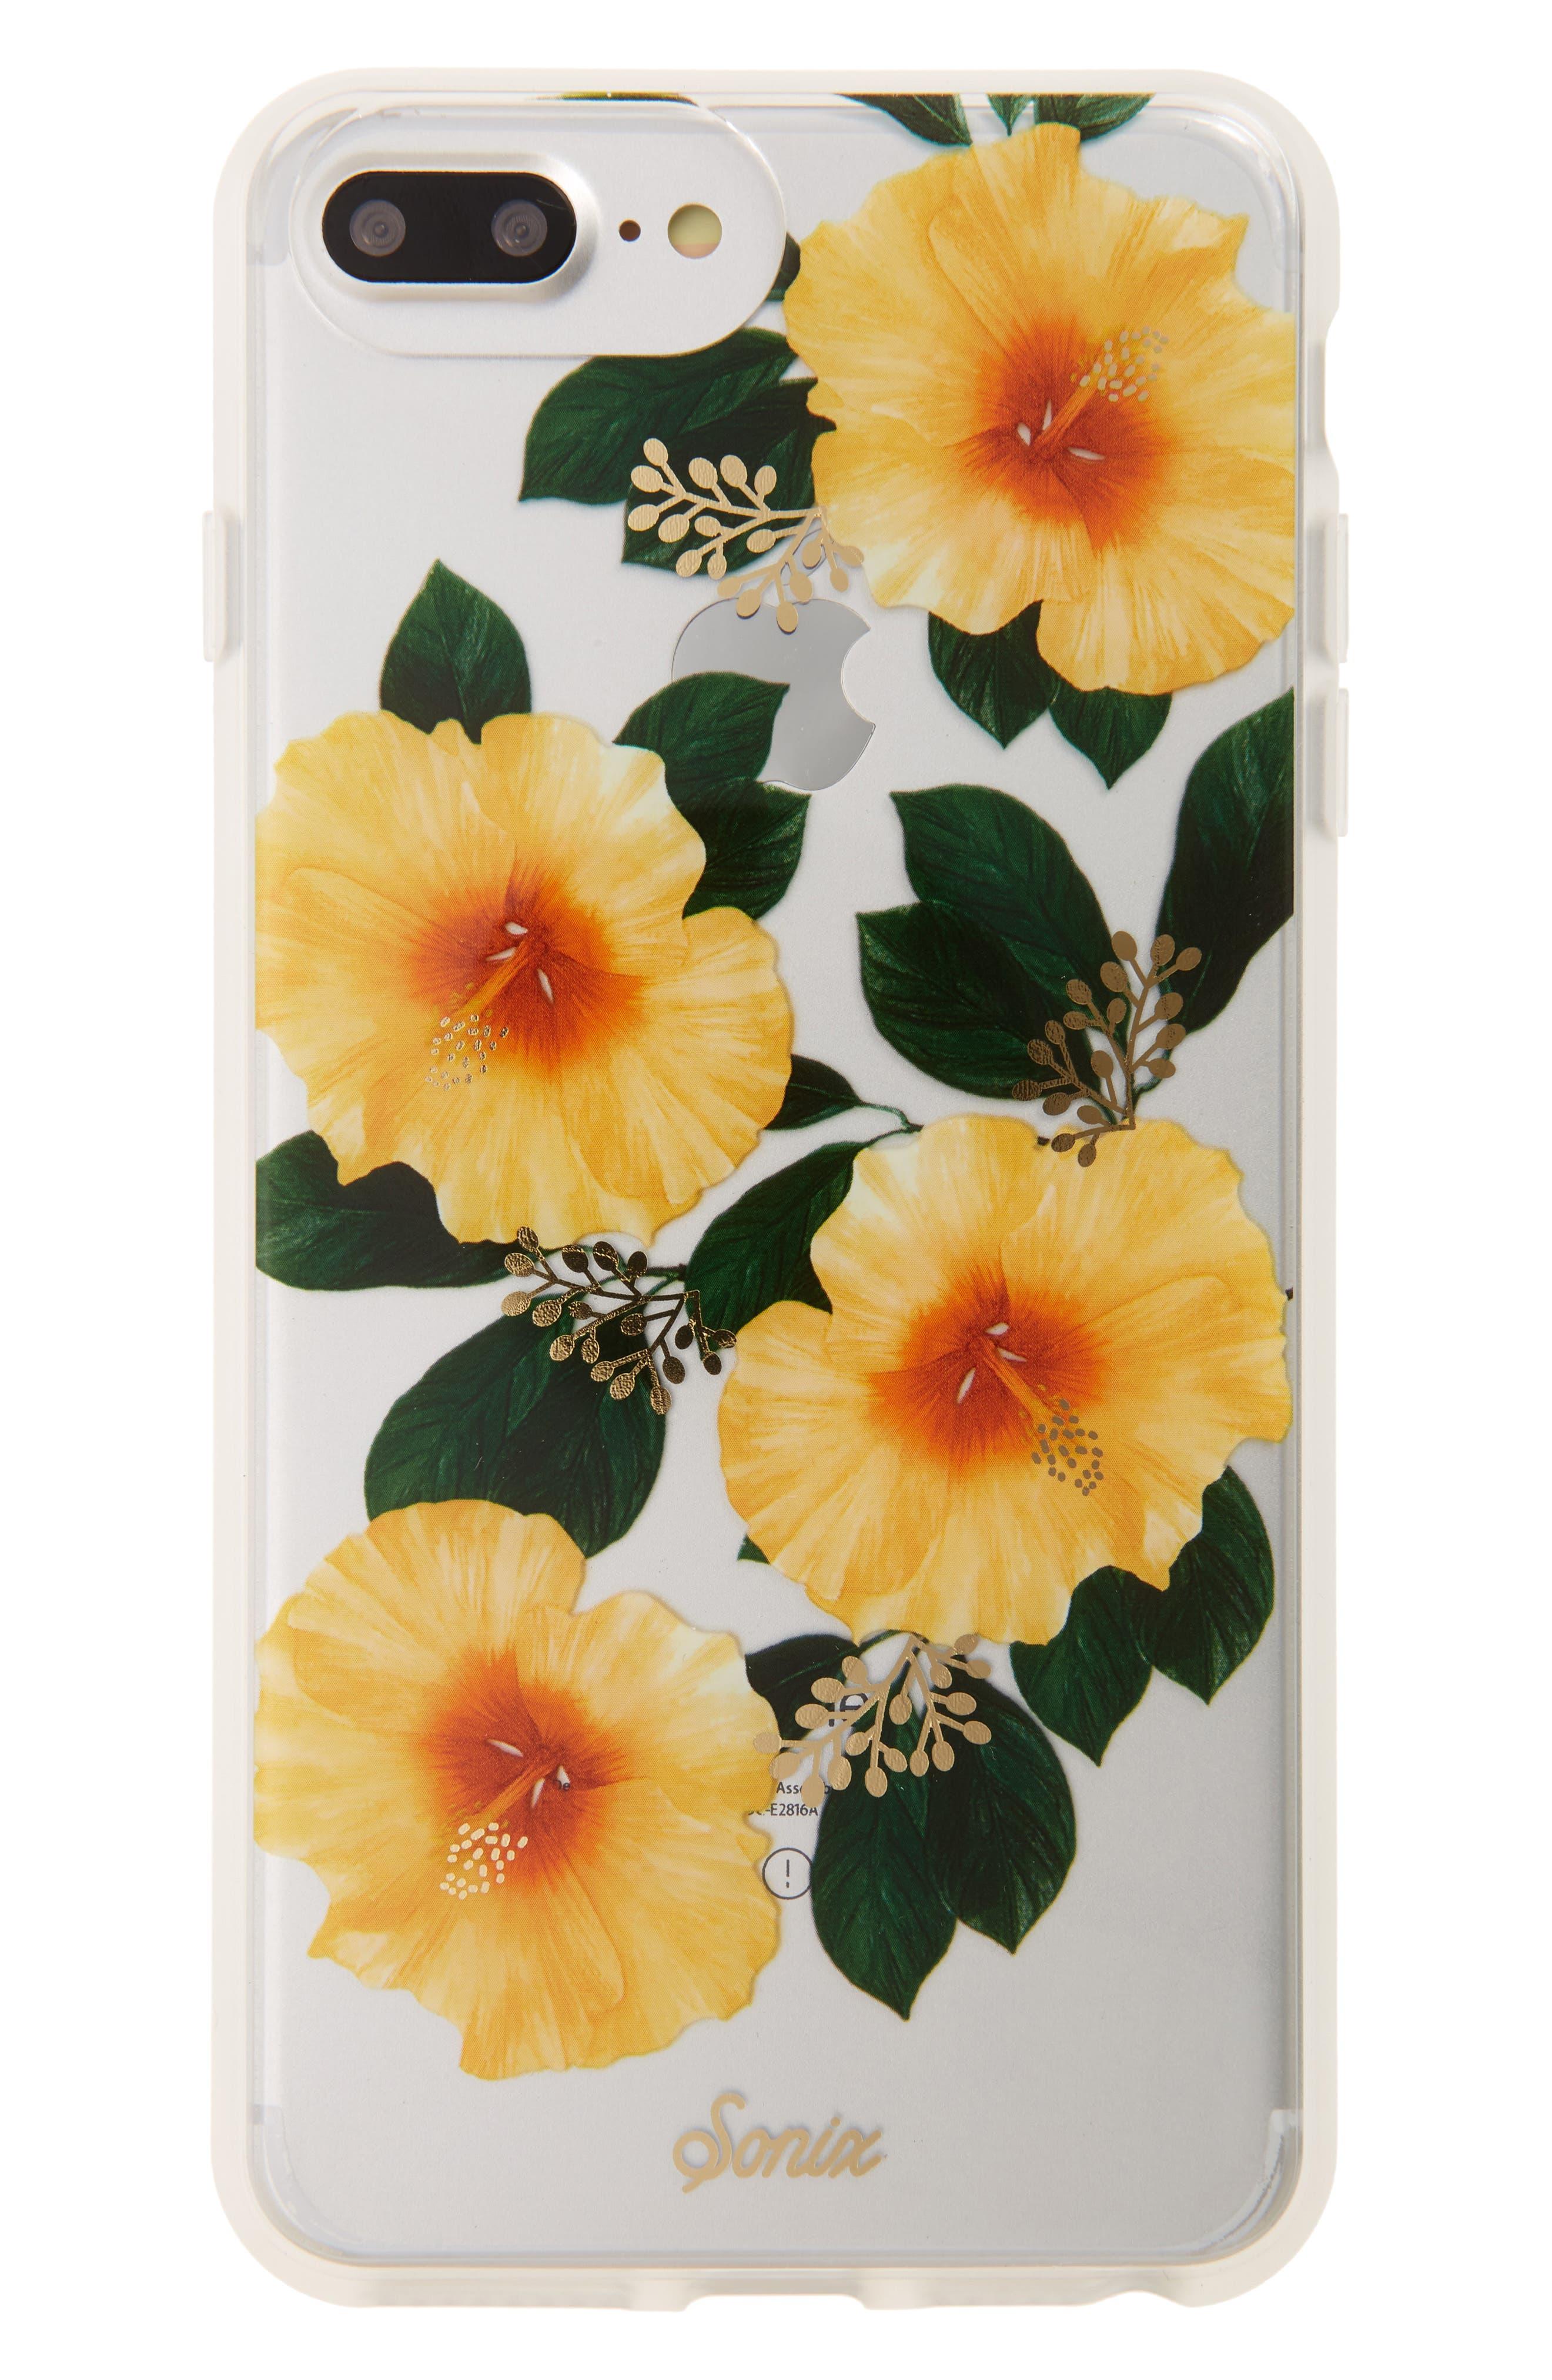 Hibiscus iPhone 6/6s/7/8 & 6/6s/7/8 Plus Case,                         Main,                         color, 700